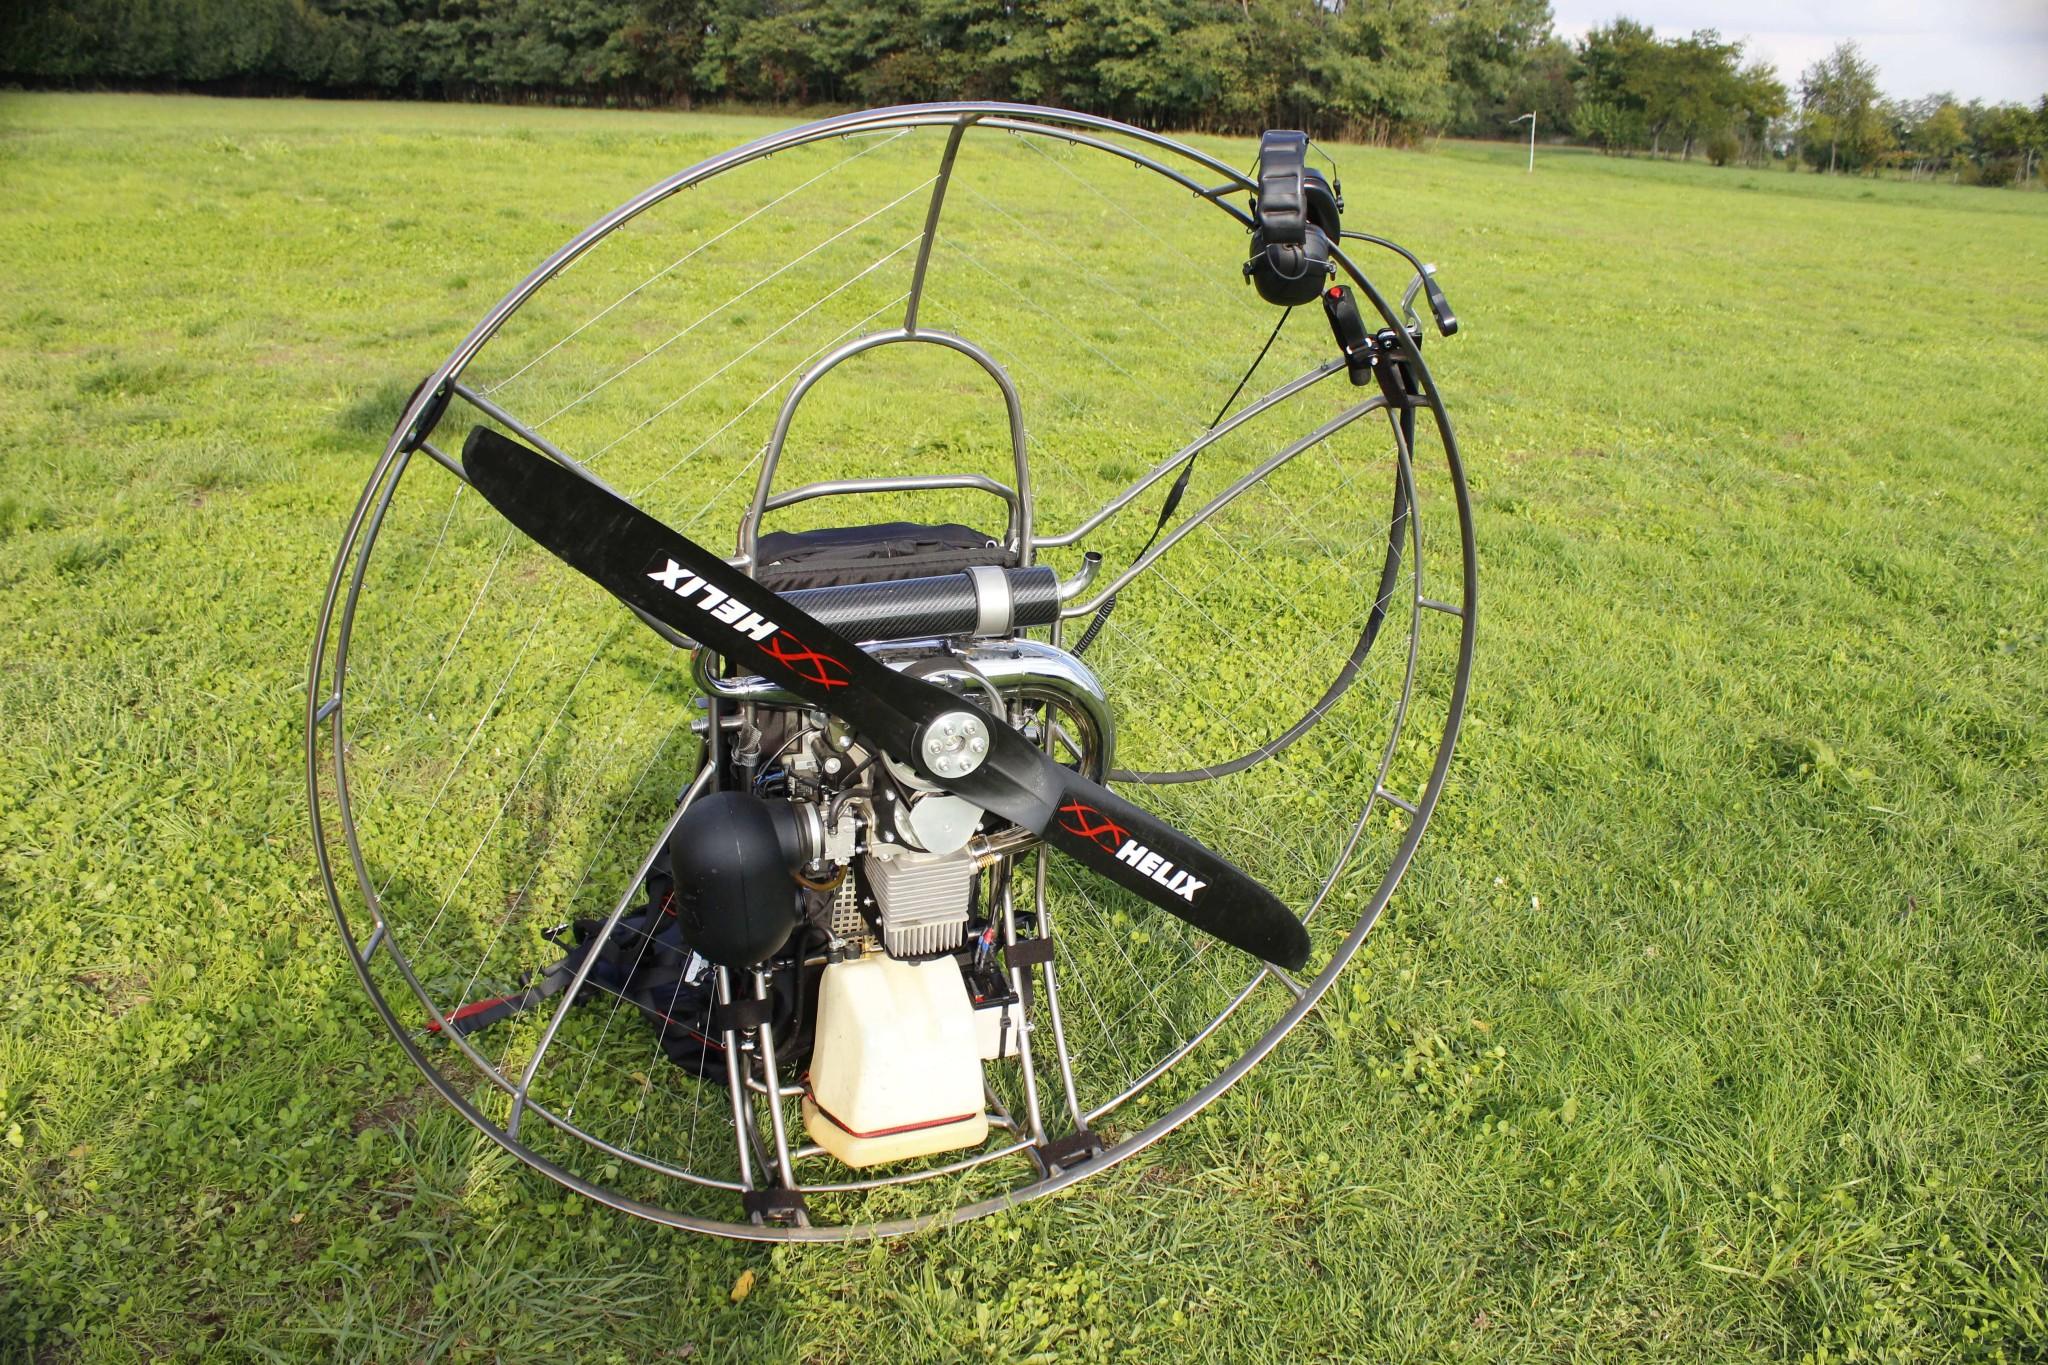 Skyjam Paramotor ST-100